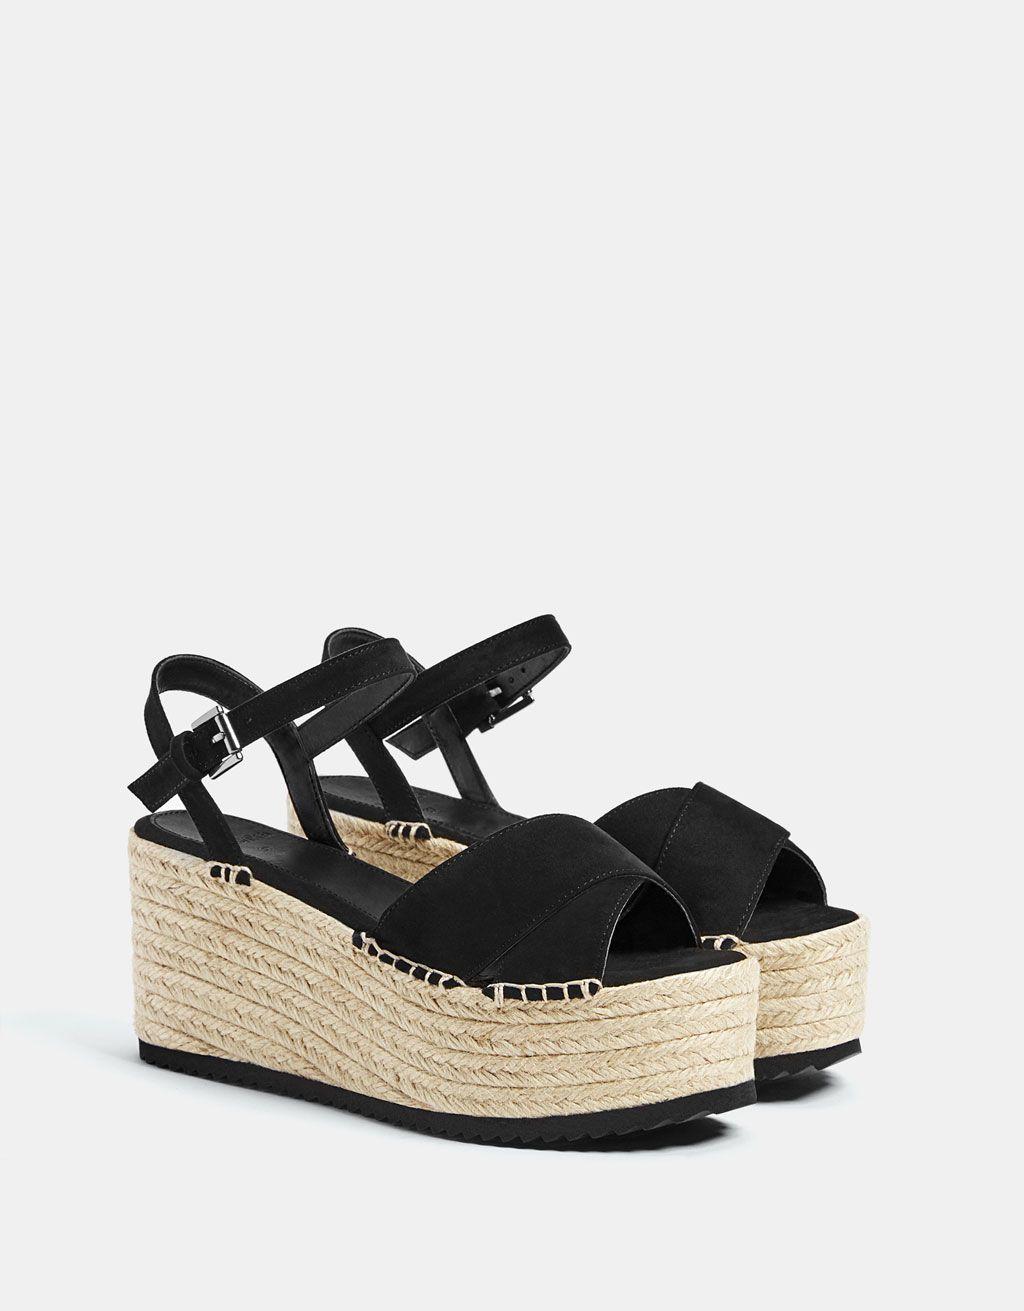 60a1d9a418 Sandalia plataforma yute negra. Descubre ésta y muchas otras prendas en  Bershka con nuevos productos cada semana